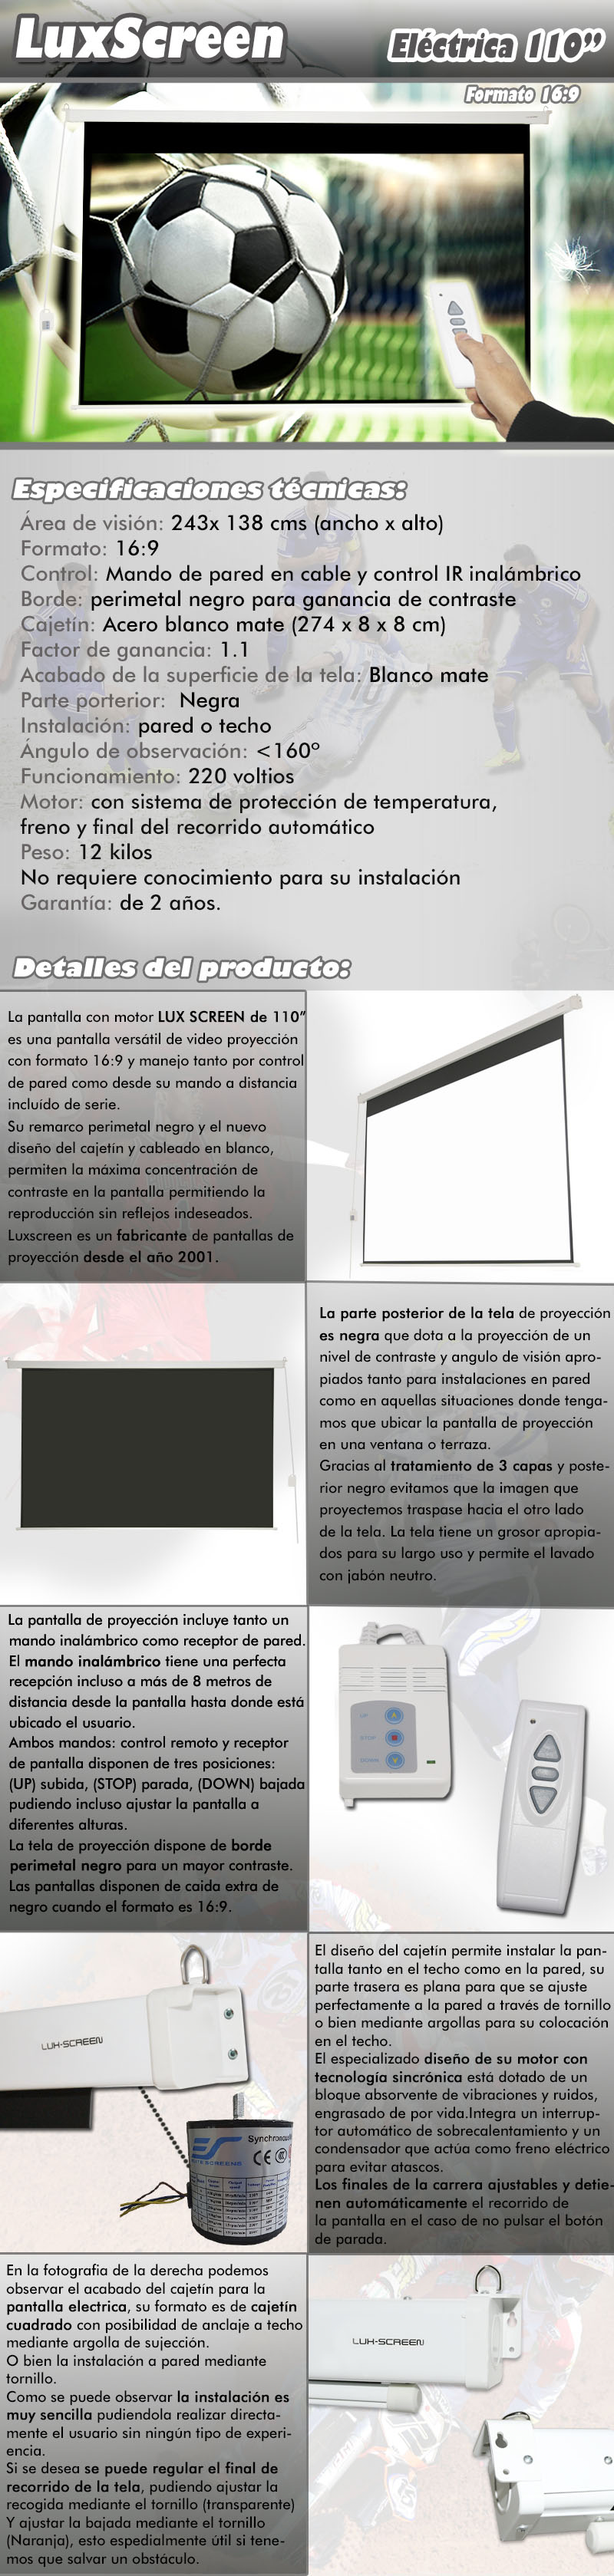 pantalla electrica de 110 pulgadas 16:10 2,43 x 1,38 metros, dispone de parte trasera negra, borde perimetal negro para una mayor concentracion de contraste, ganancia de brillo 1:1, ideal para proyectores formato full hd y hd